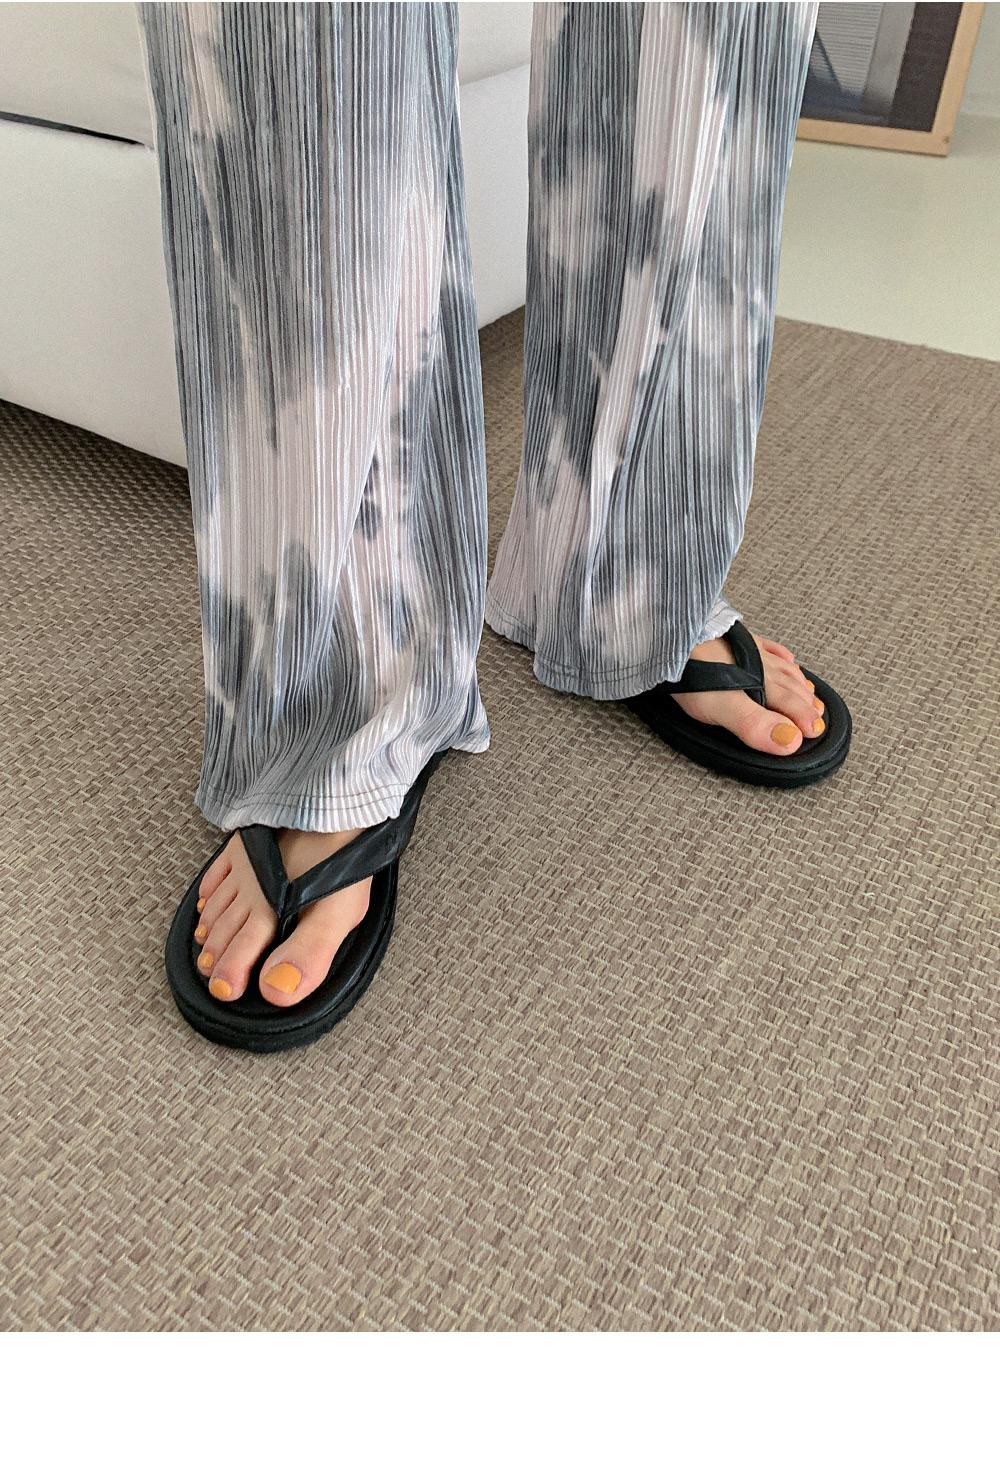 Wale flip flops